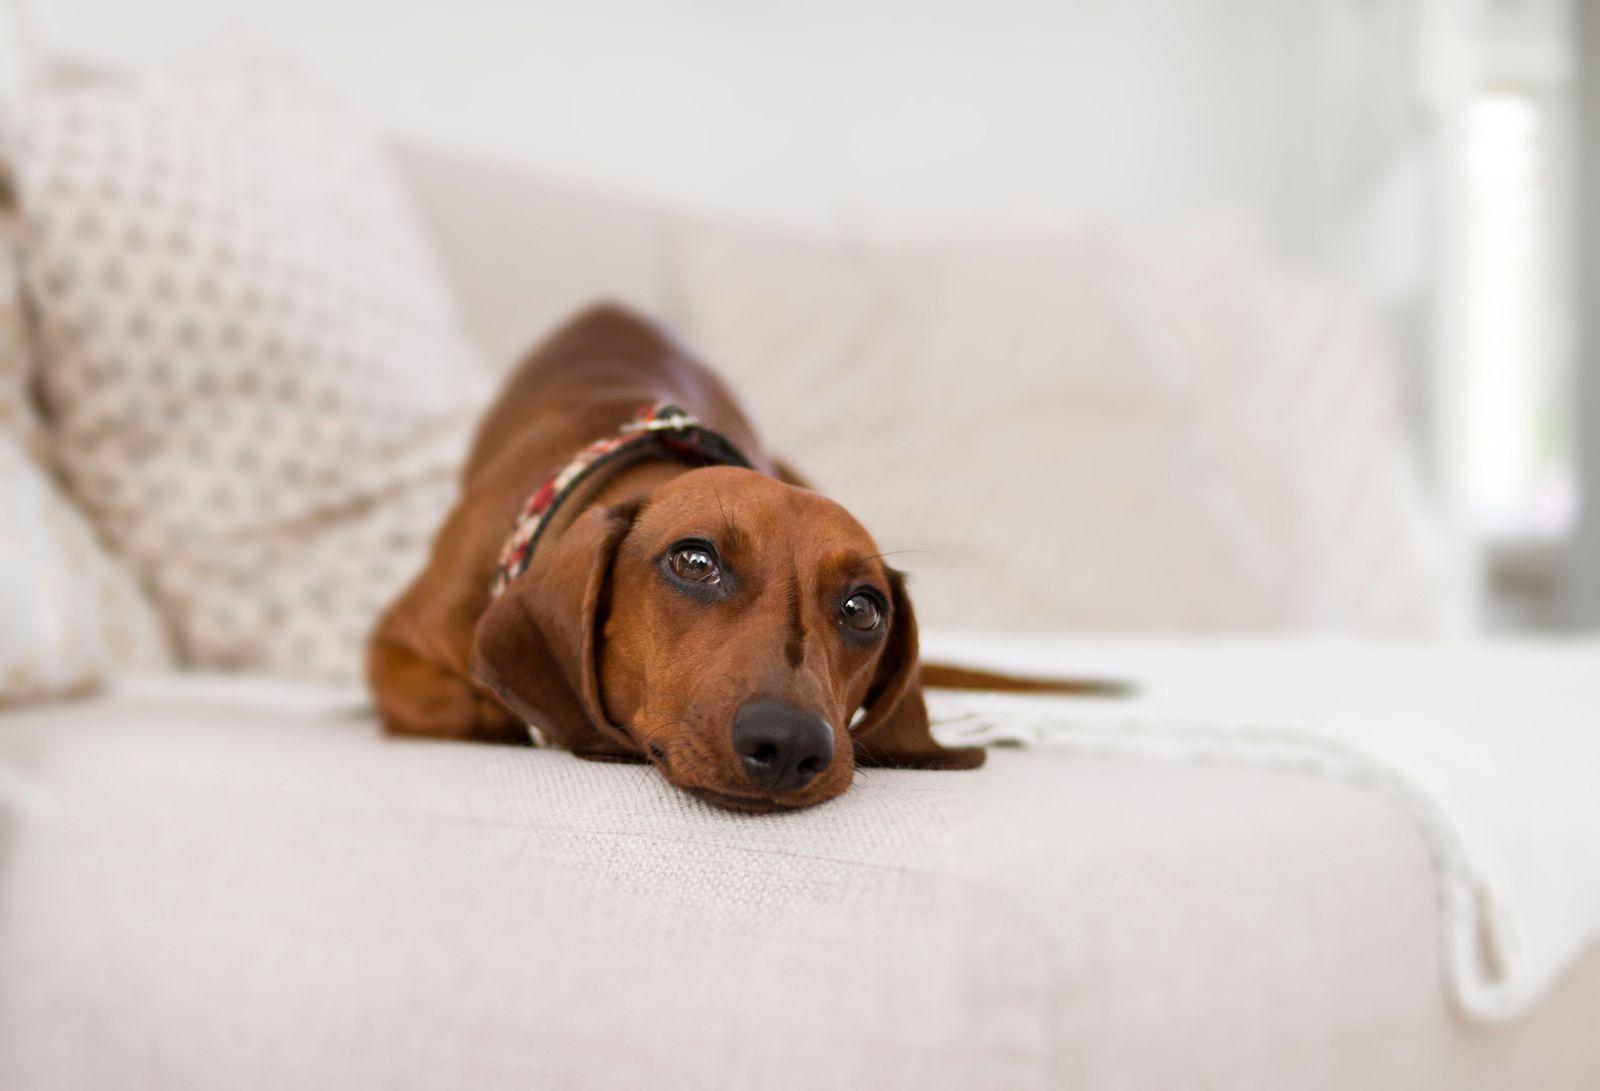 Canine coronavirus in dogs - Vetster